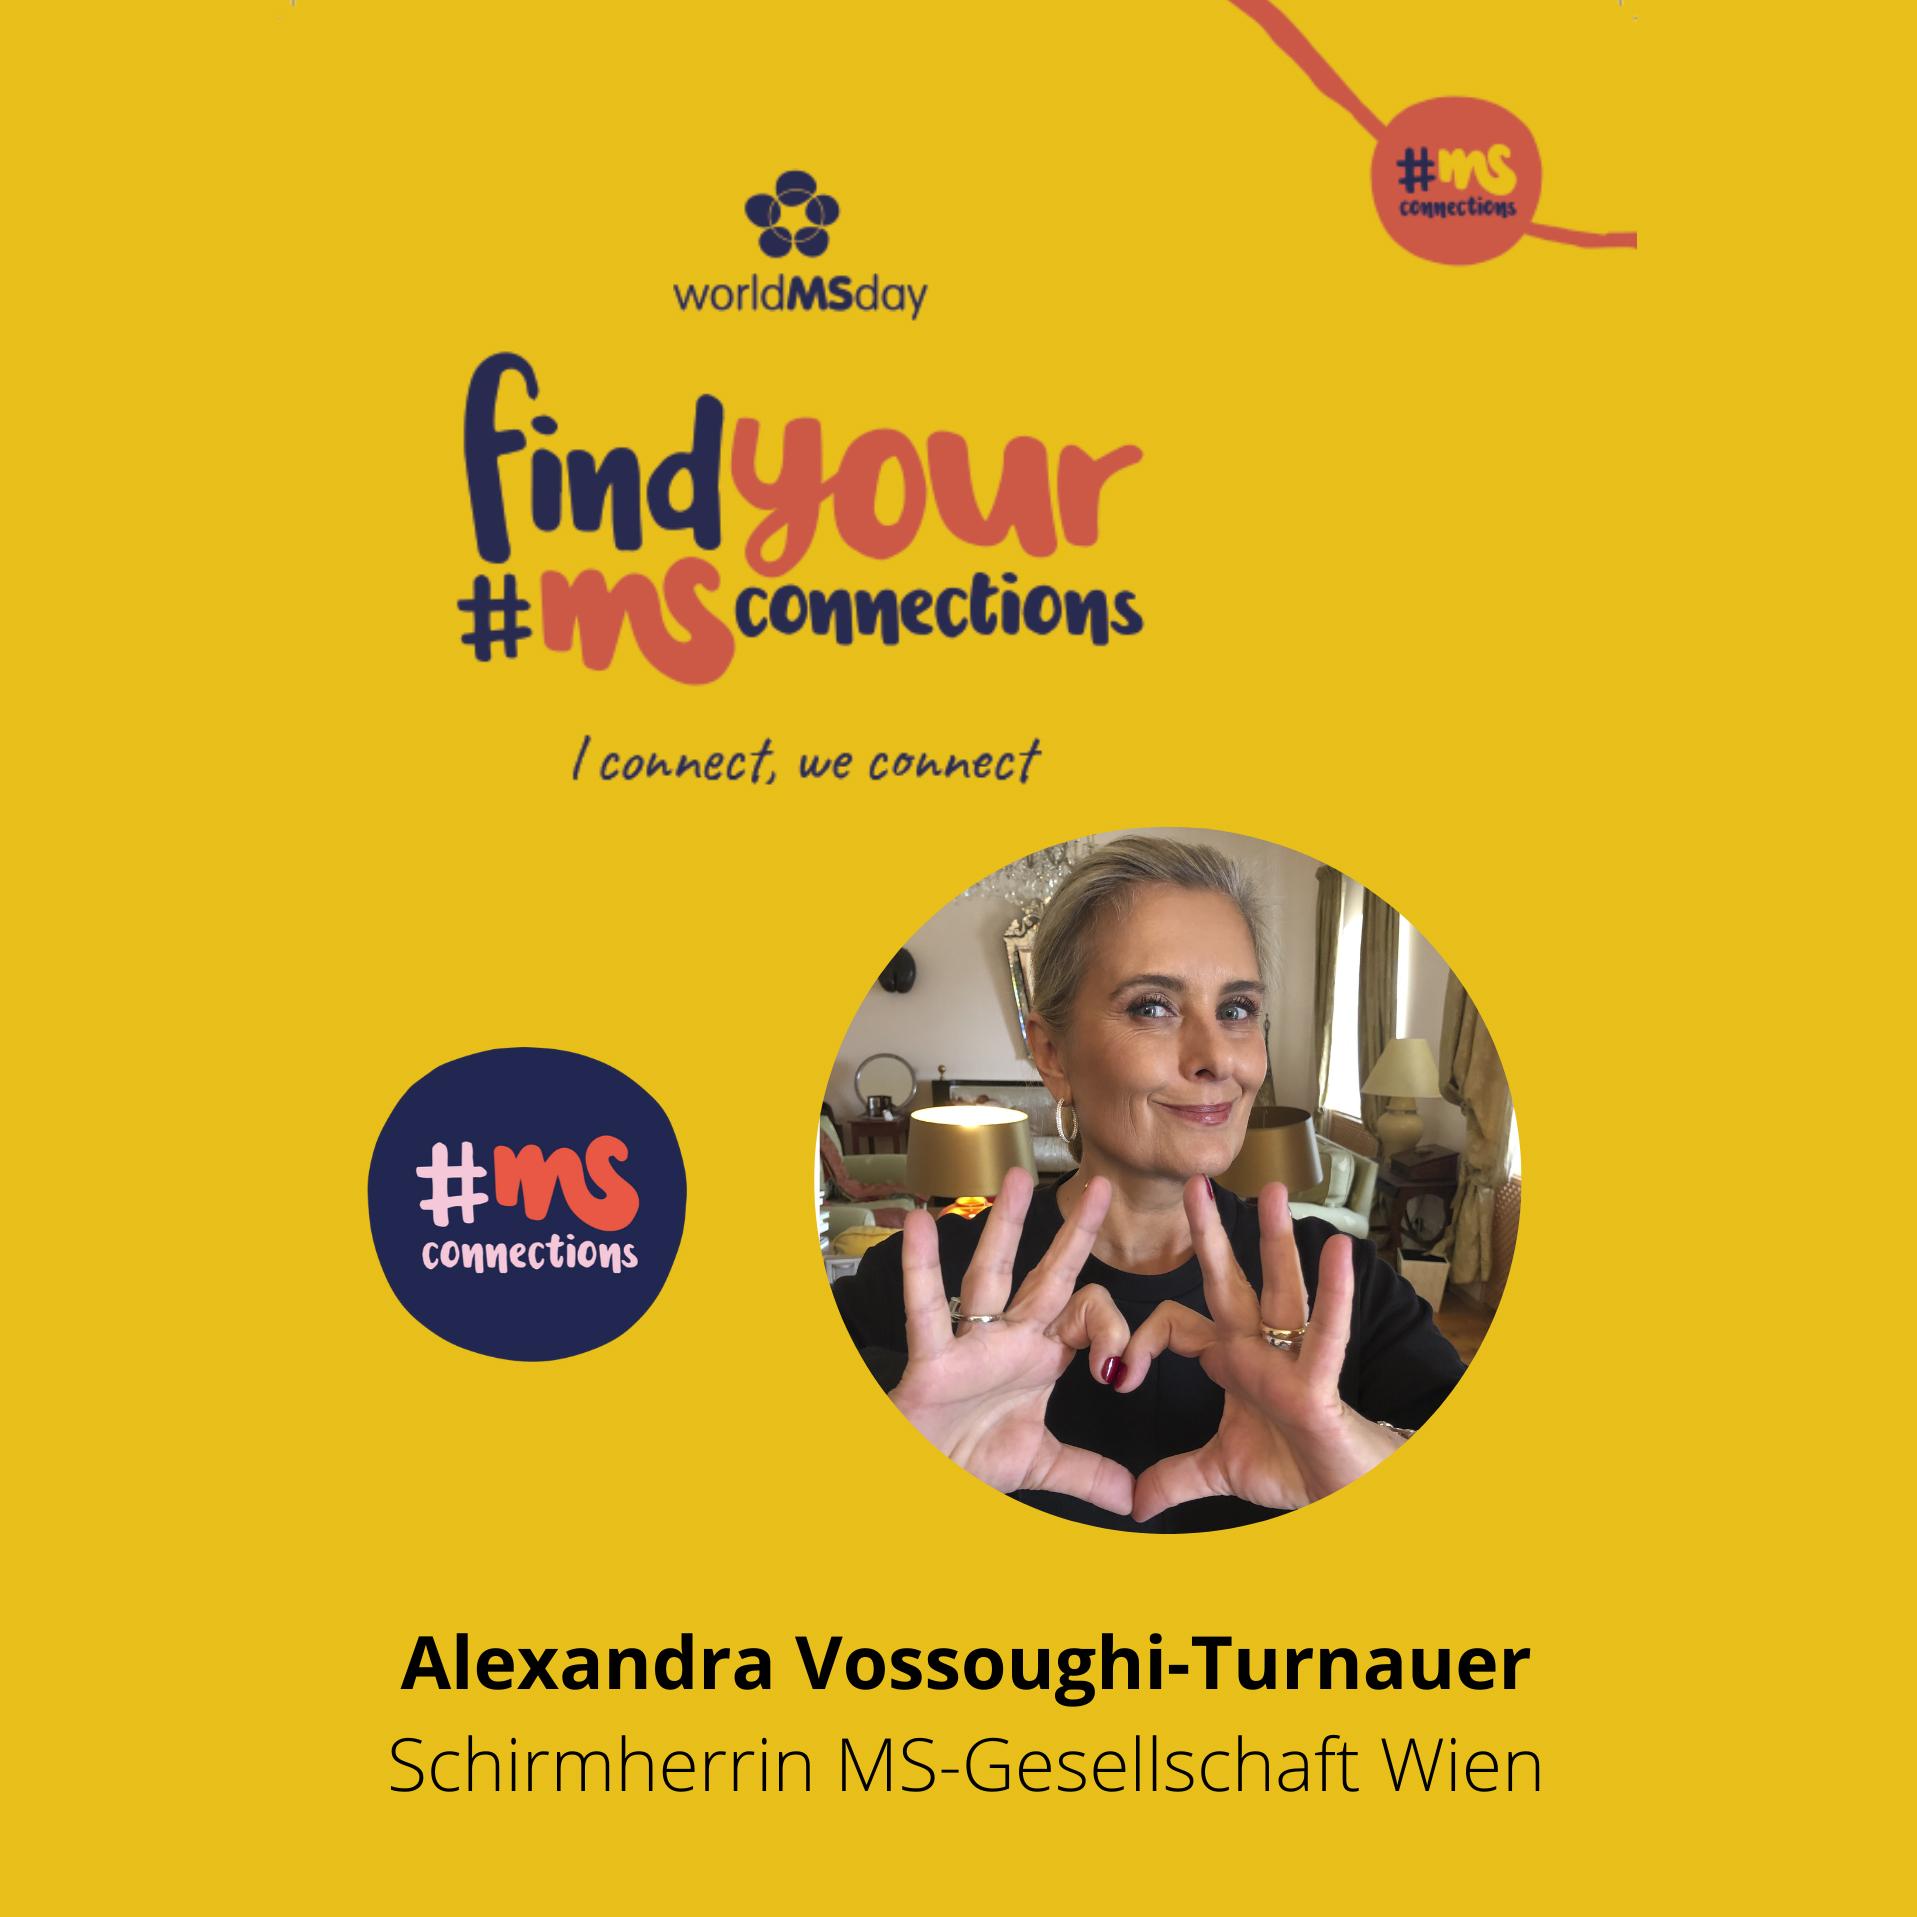 Statement von Alexandra Vossoughi-Turnauer, Schirmherrin MS-Gesellschaft Wien, zum Welt-MS-Tag 2020